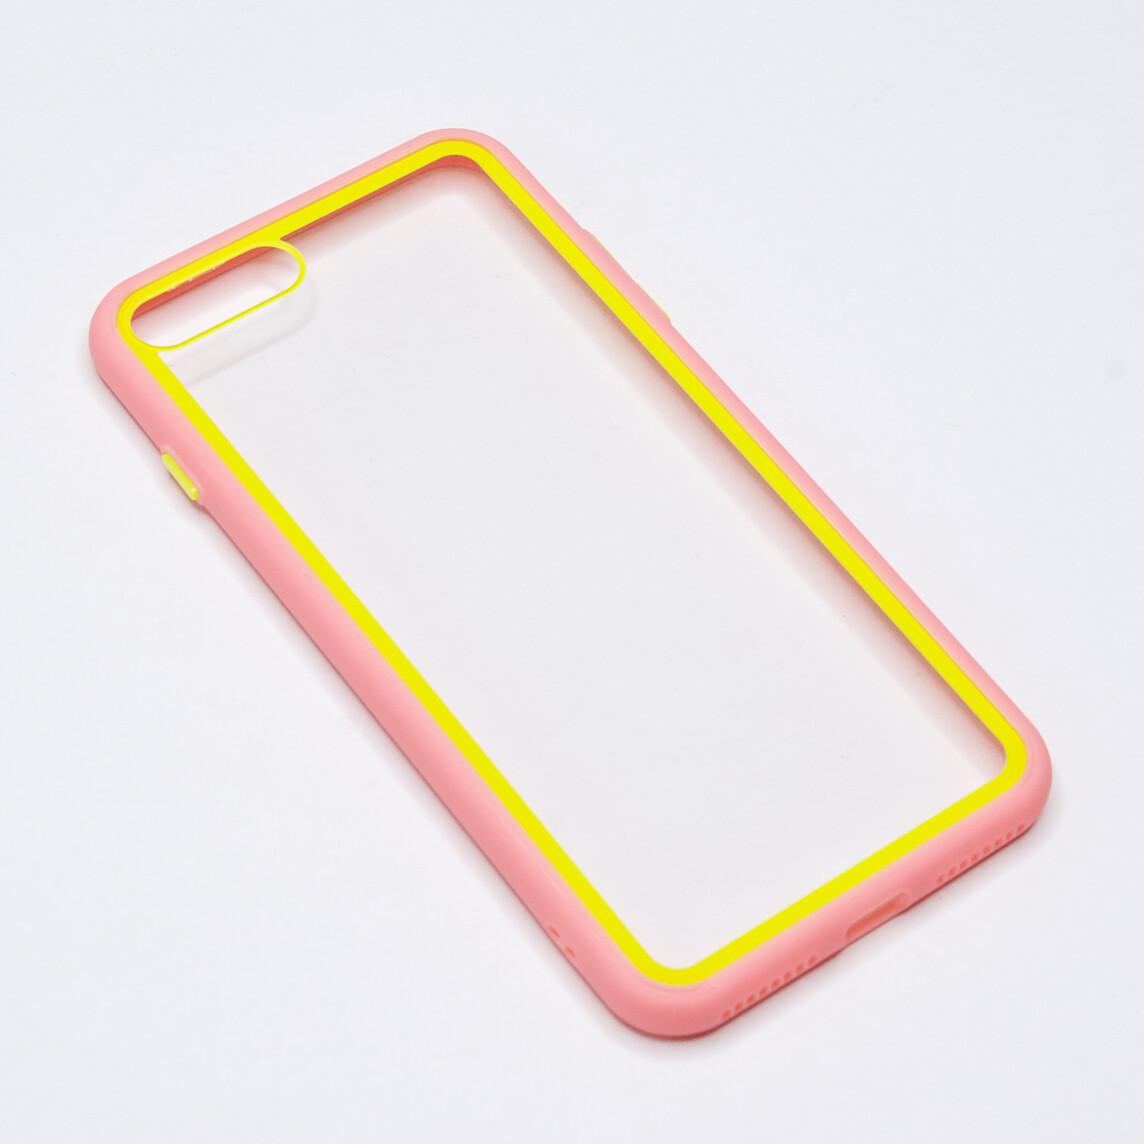 Estuche EL REY Marco De Color Rosado Y Parte De Atras Transparente - Iphone 7 /8